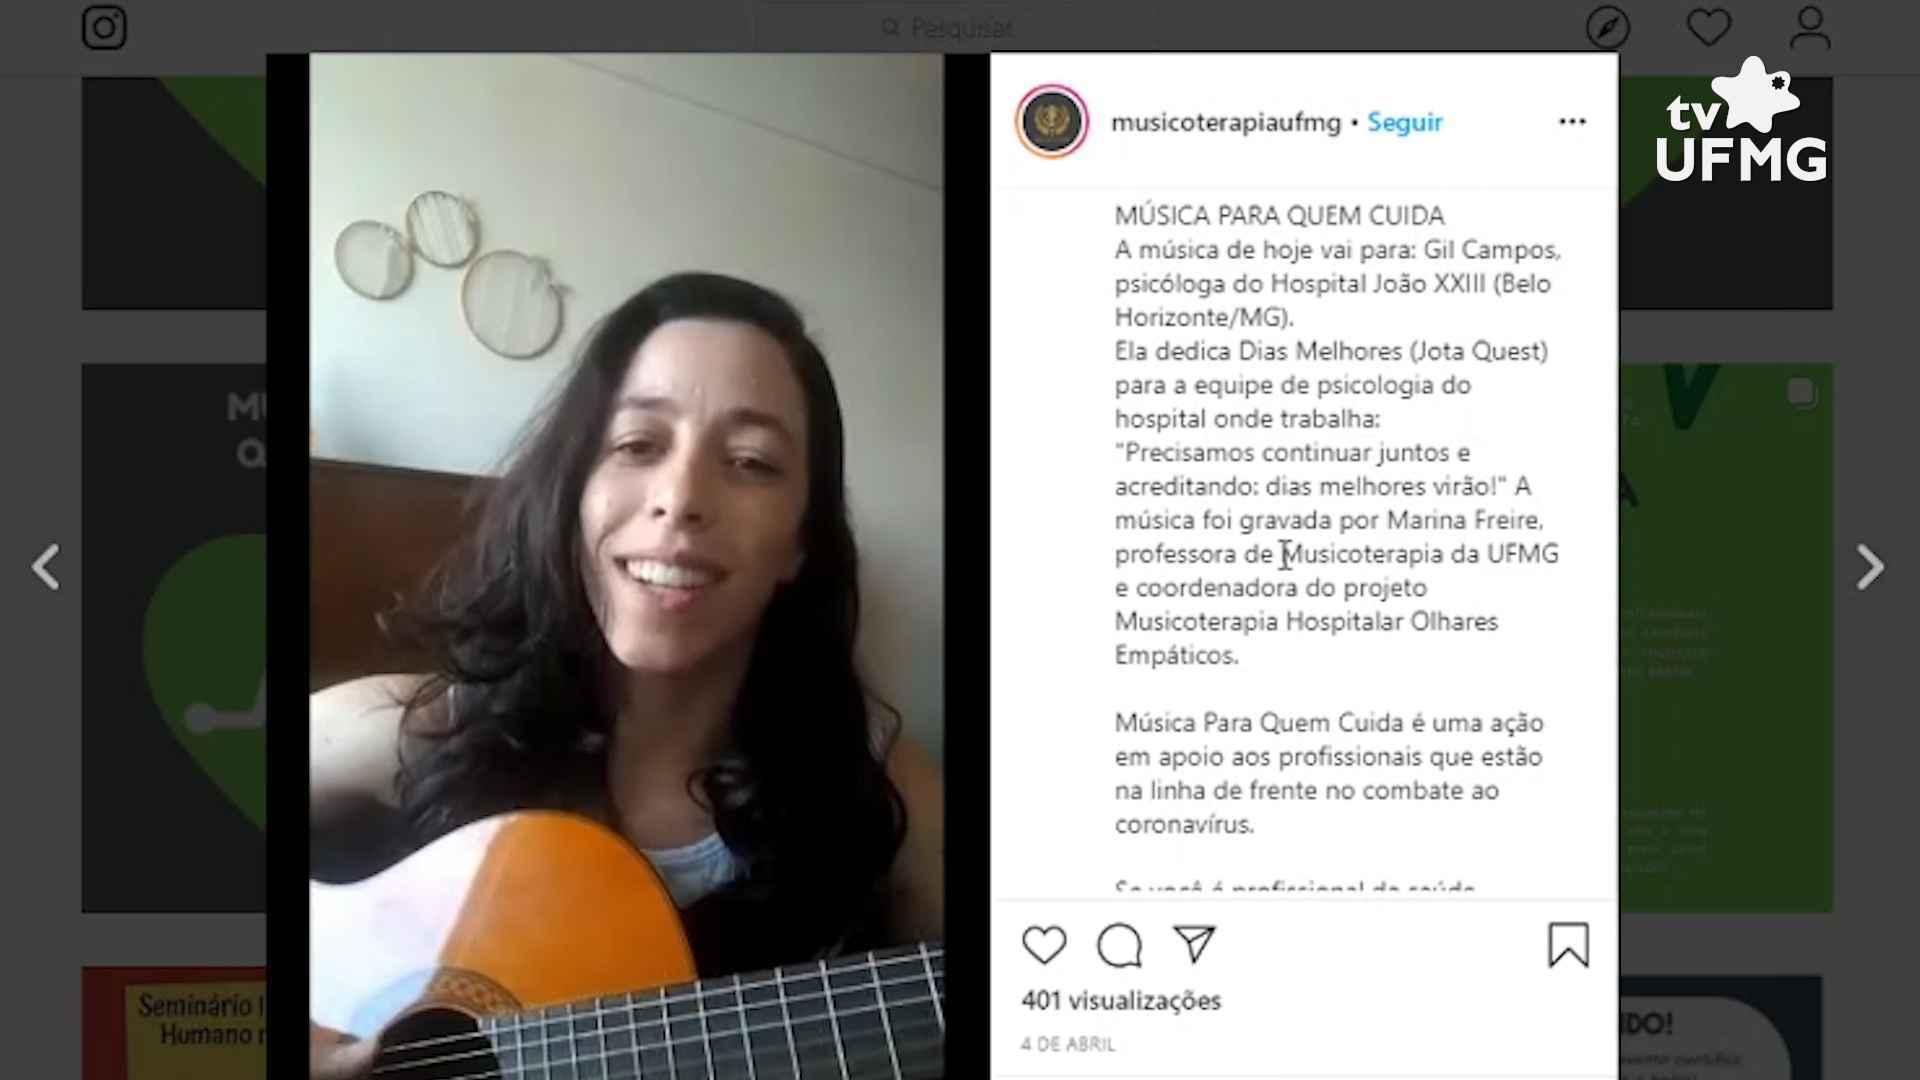 Projeto de extensão 'Música para quem cuida' oferece canções para profissionais de saúde que estão na linha de frente do combate à pandemia